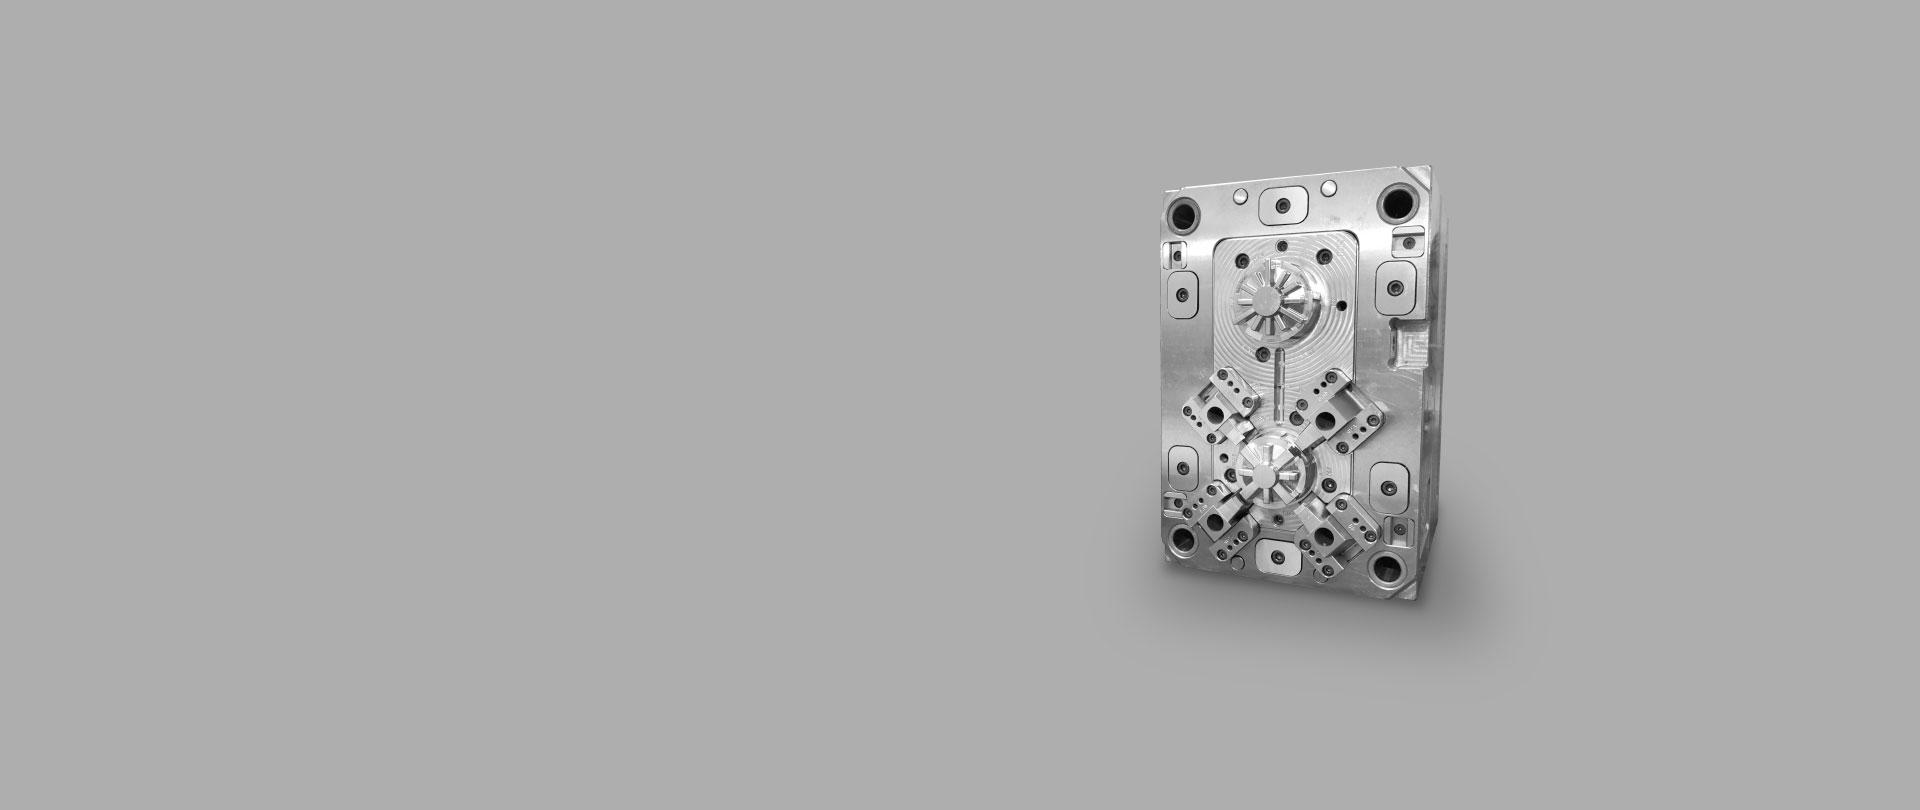 Soluções de vanguarda na indústria dos moldes